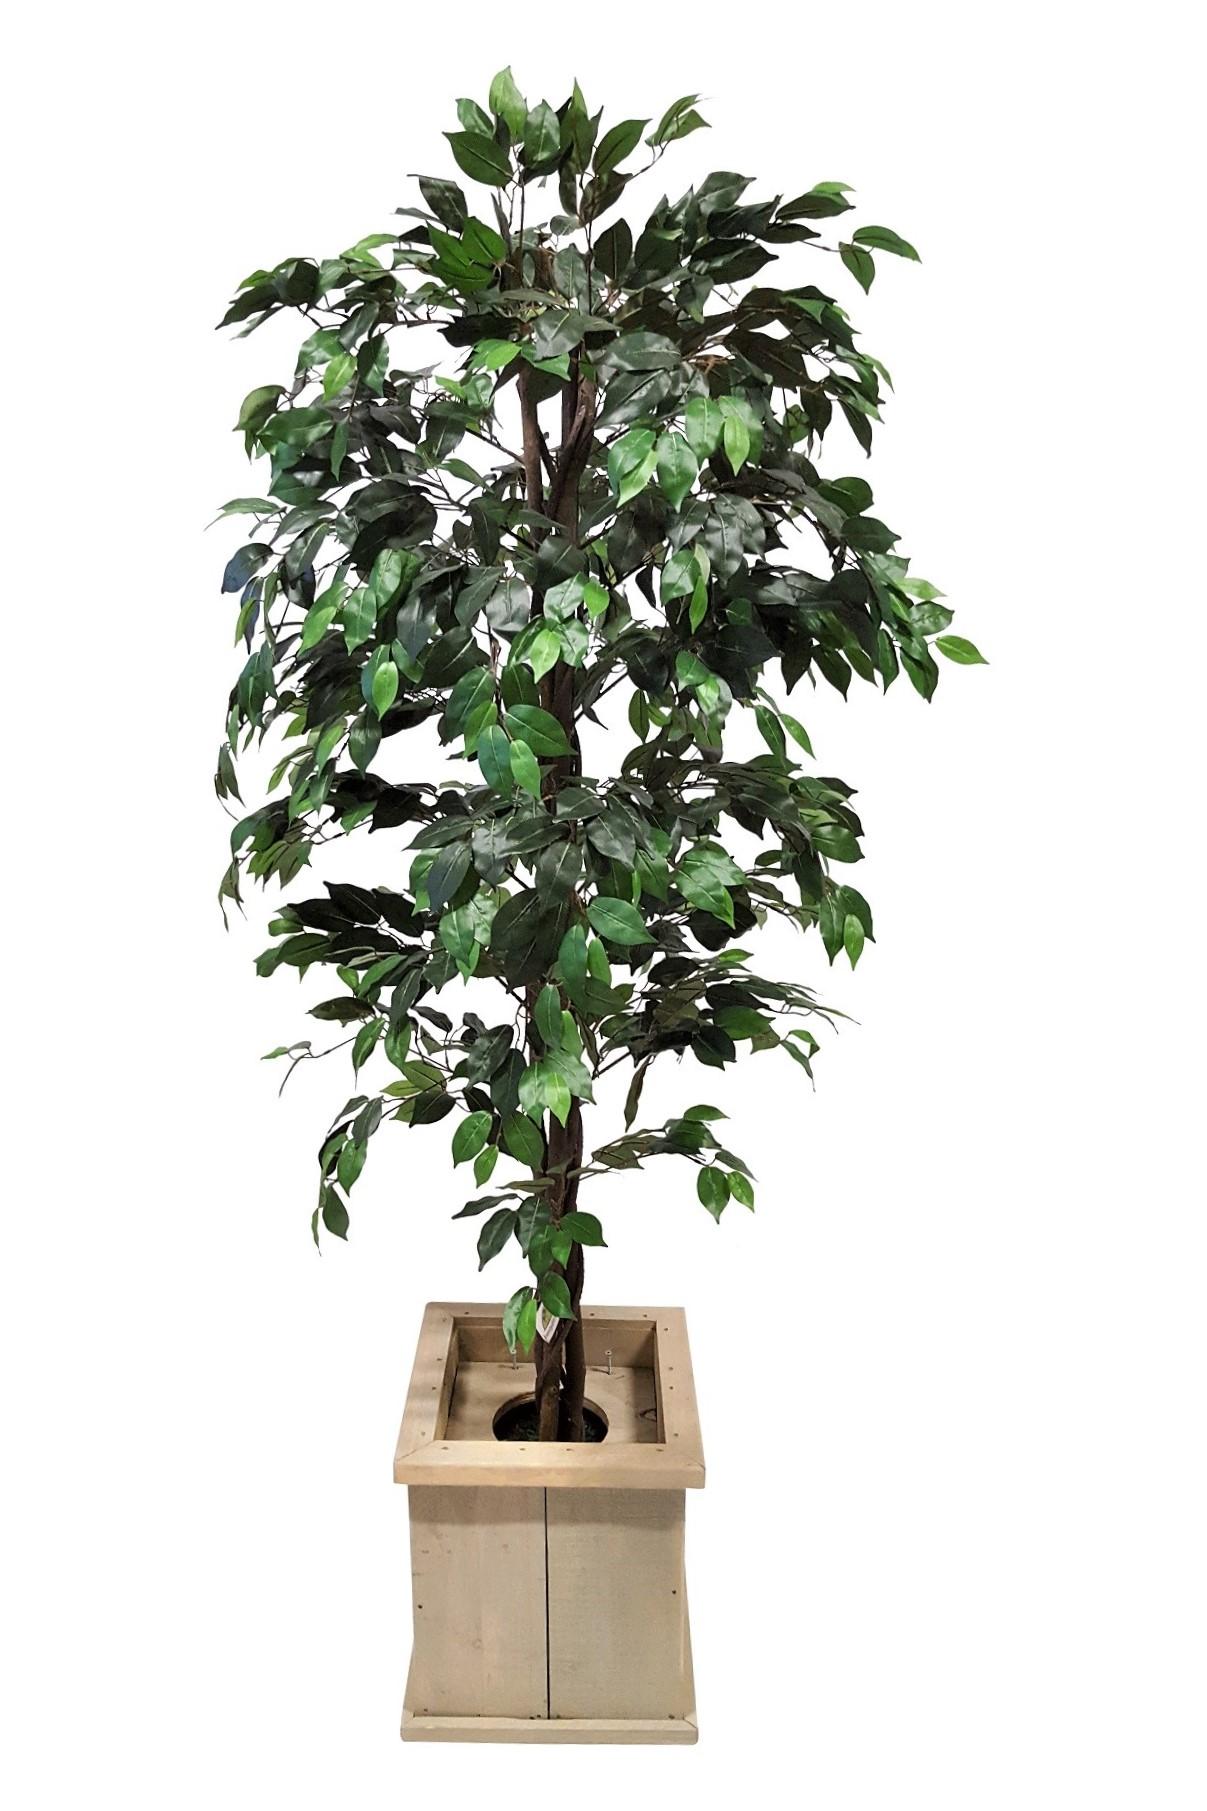 Verhuur Kunstficus Groen in Lage Pot 200cm